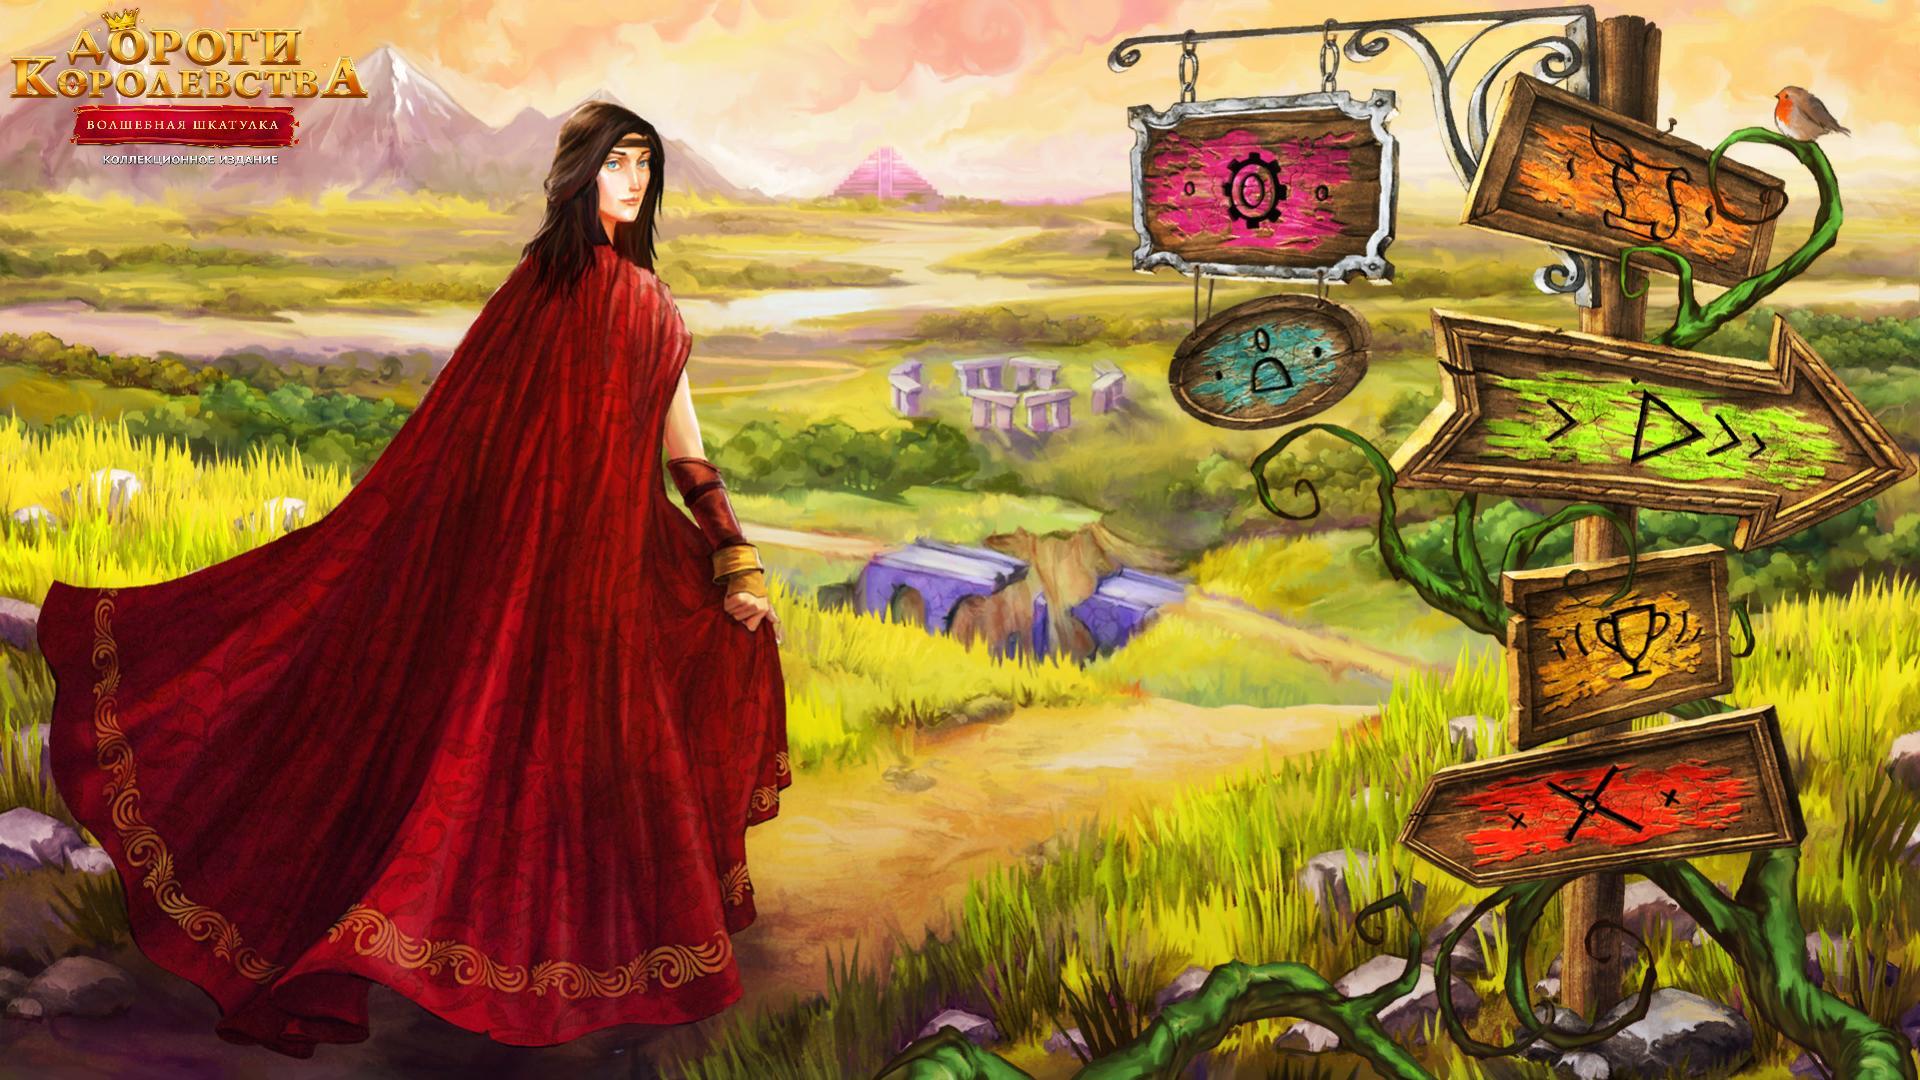 Дороги Королевства 2: Волшебная шкатулка. Коллекционное издание | Royal Roads 2: The Magic Box CE (Rus)